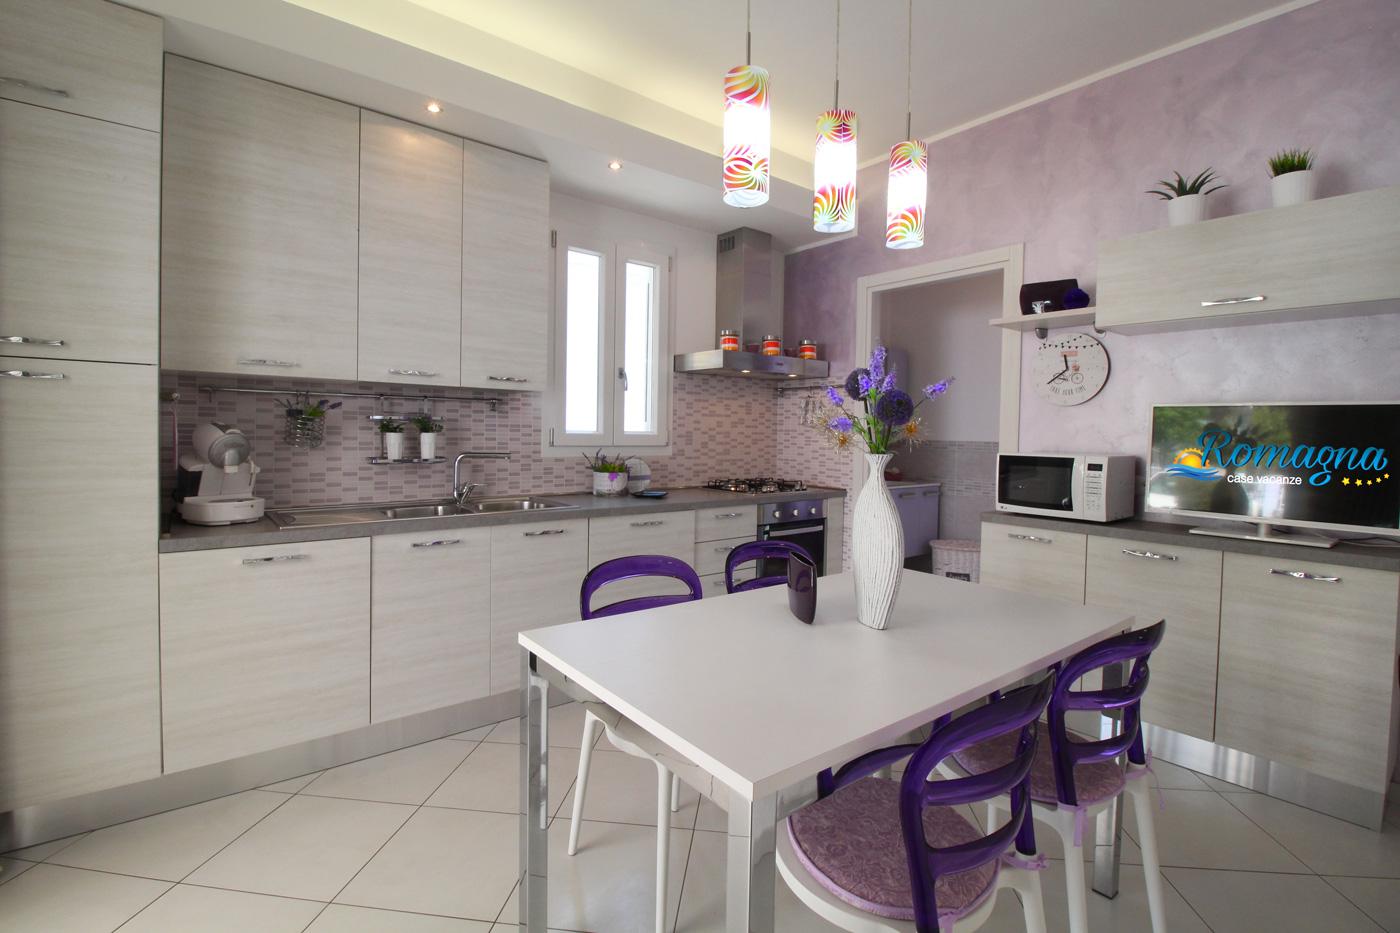 Appartamento la casina di gatteo_romagna case vacanze__IMG_8097_2